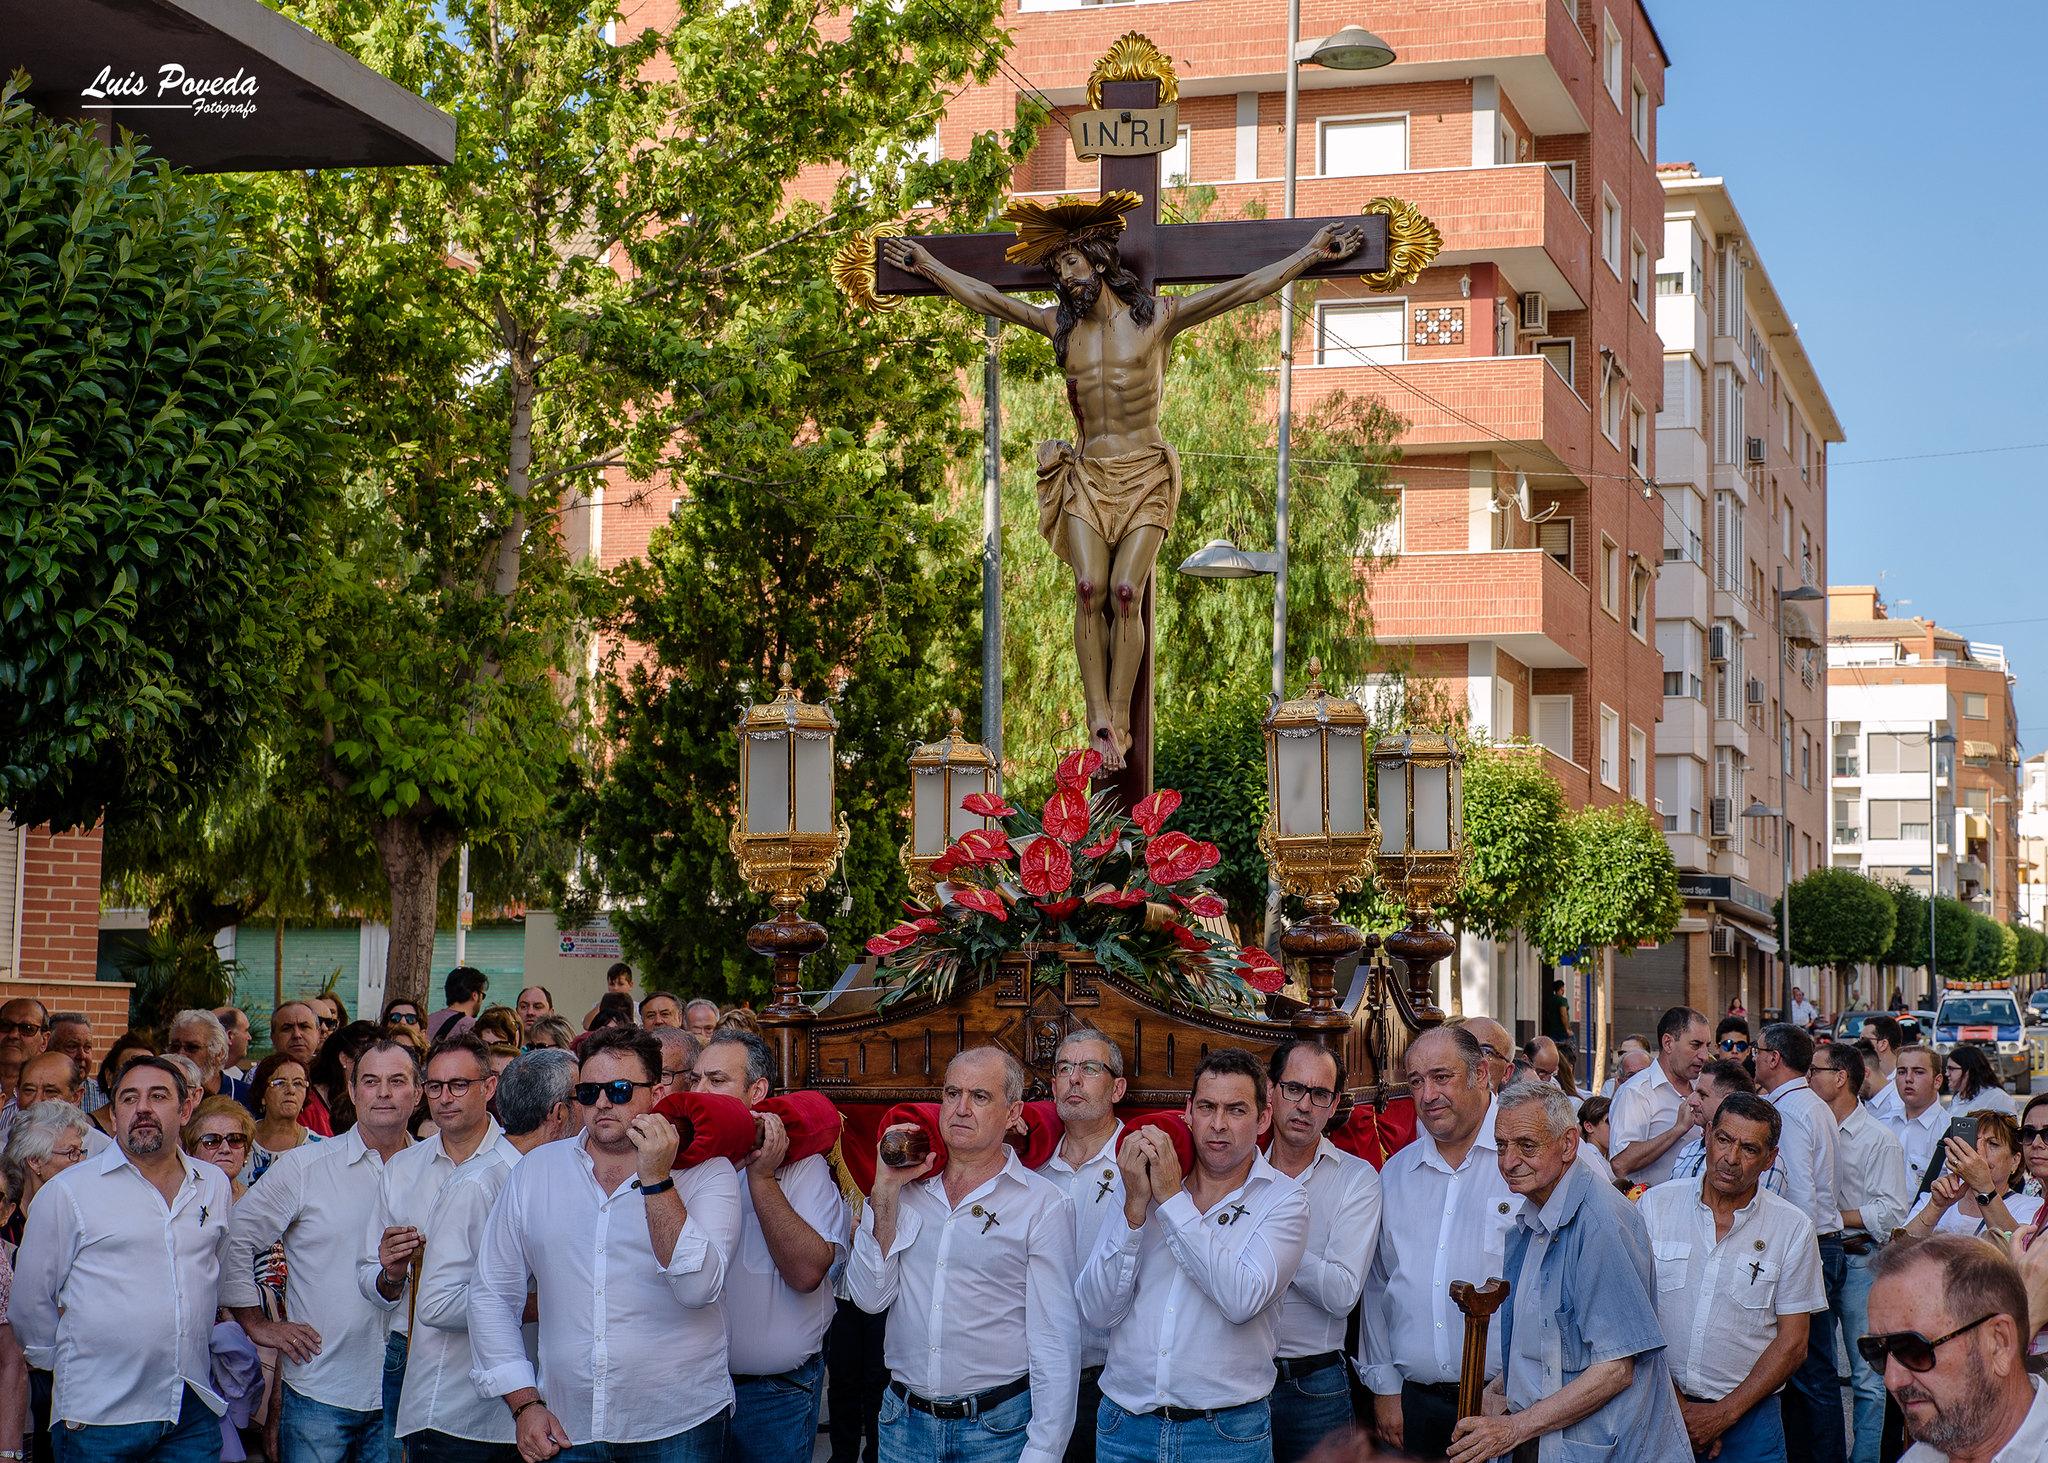 (2018-06-16) - 75 Aniversario - Encuentro - Luis Poveda Galiano (11)